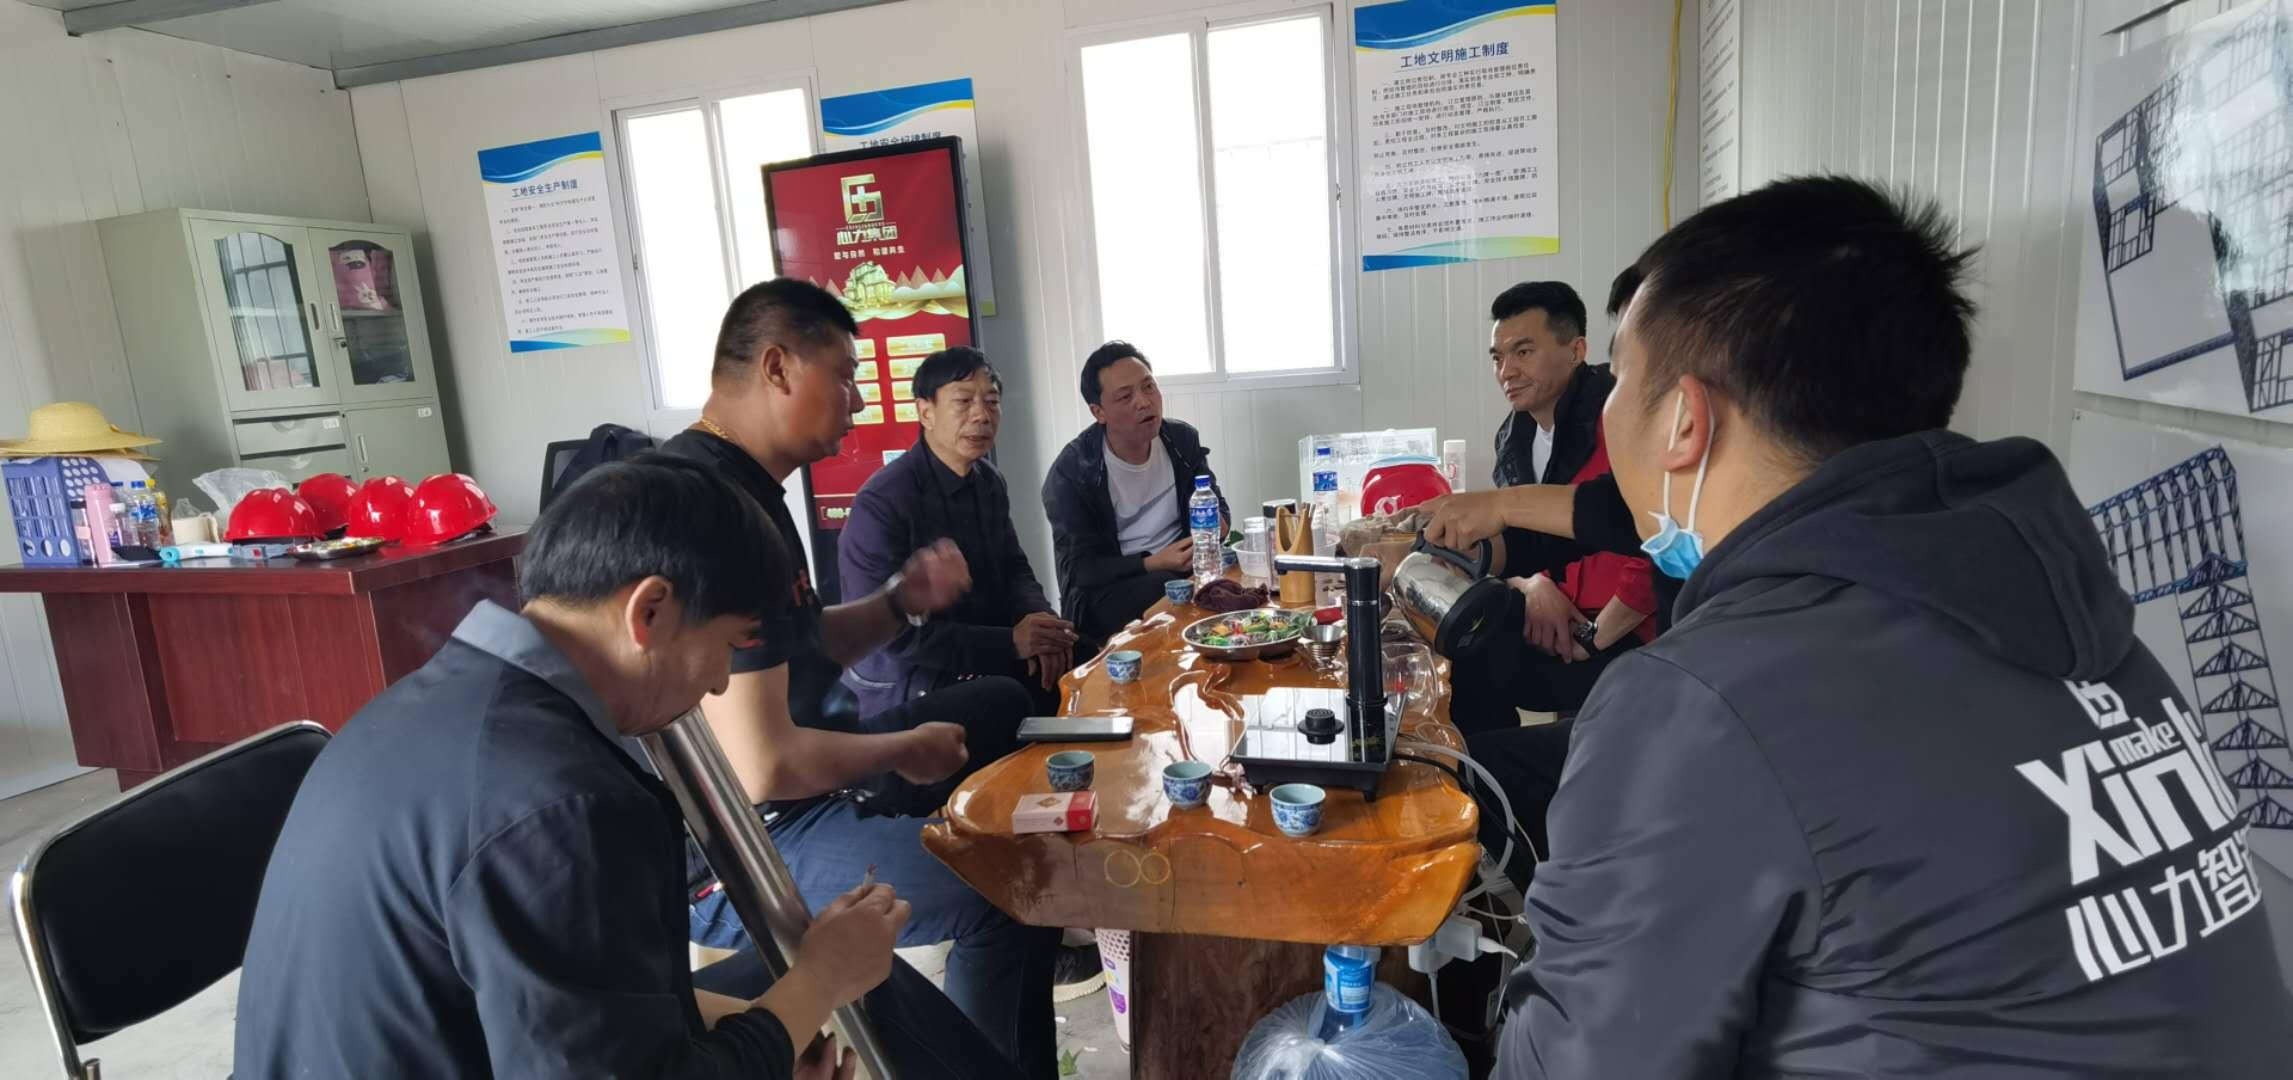 心力集团-杨总一行在项目部与项目负责人讨论交流